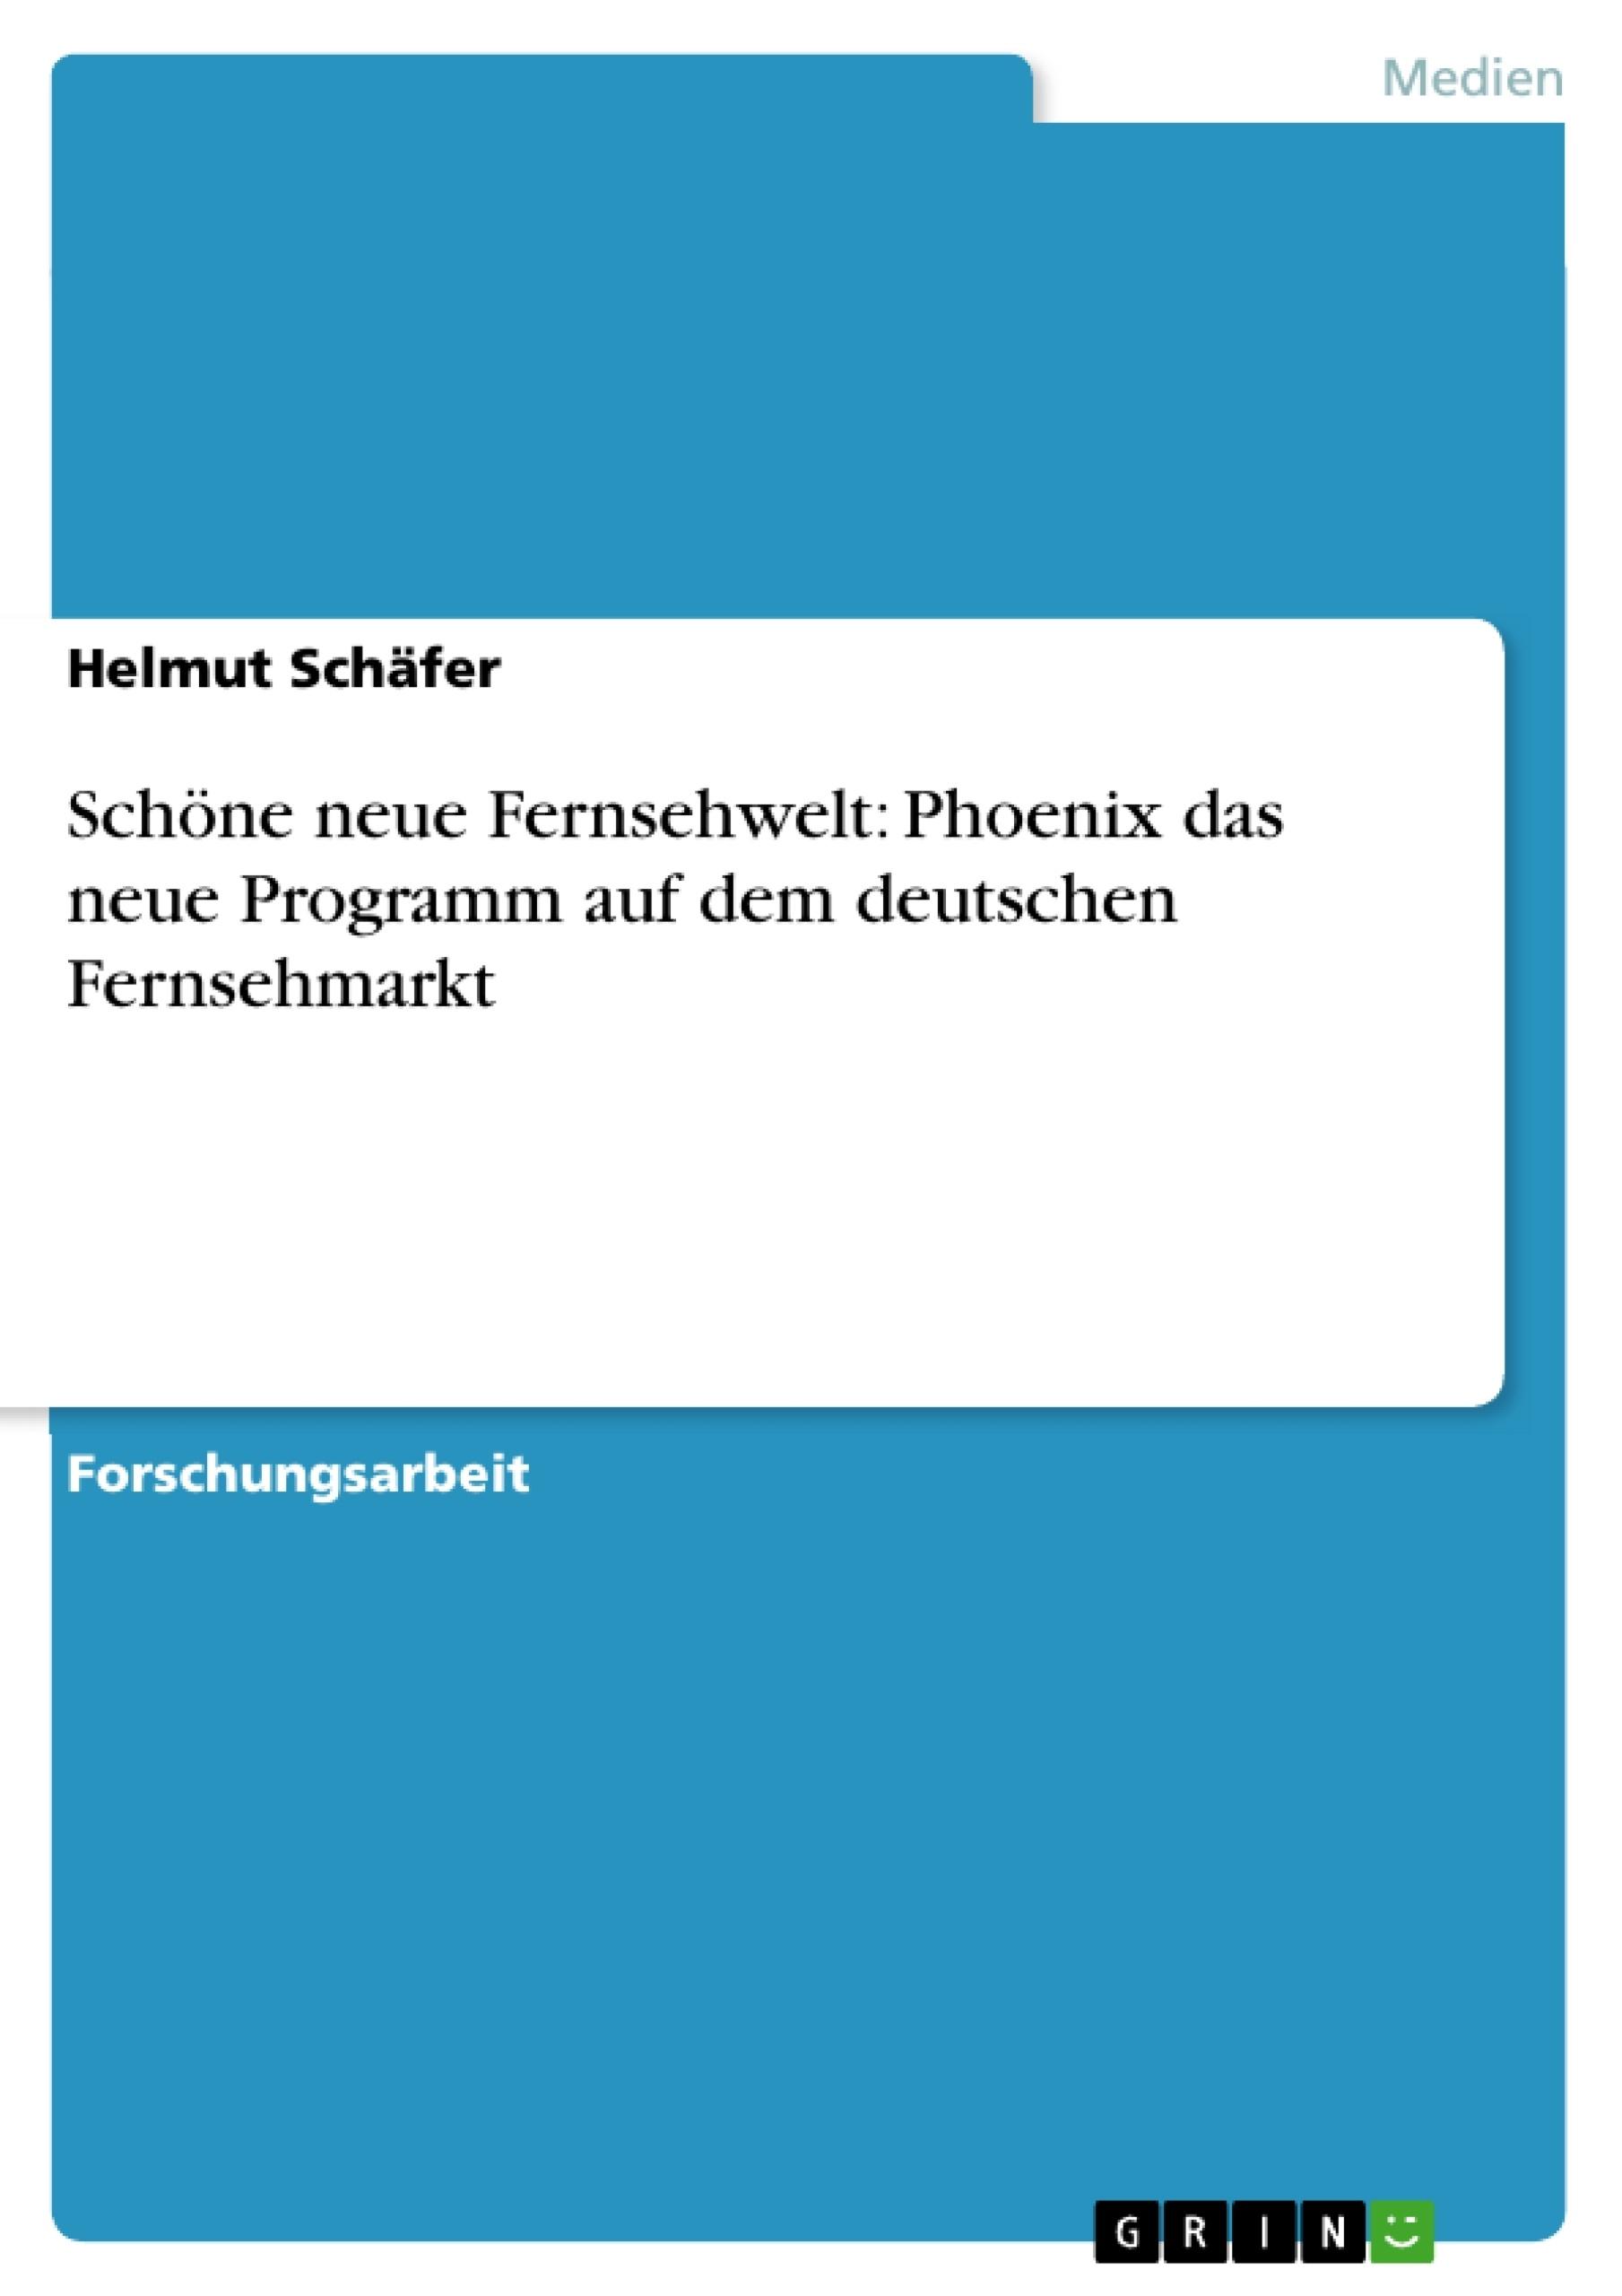 Titel: Schöne neue Fernsehwelt: Phoenix das neue Programm auf dem deutschen Fernsehmarkt